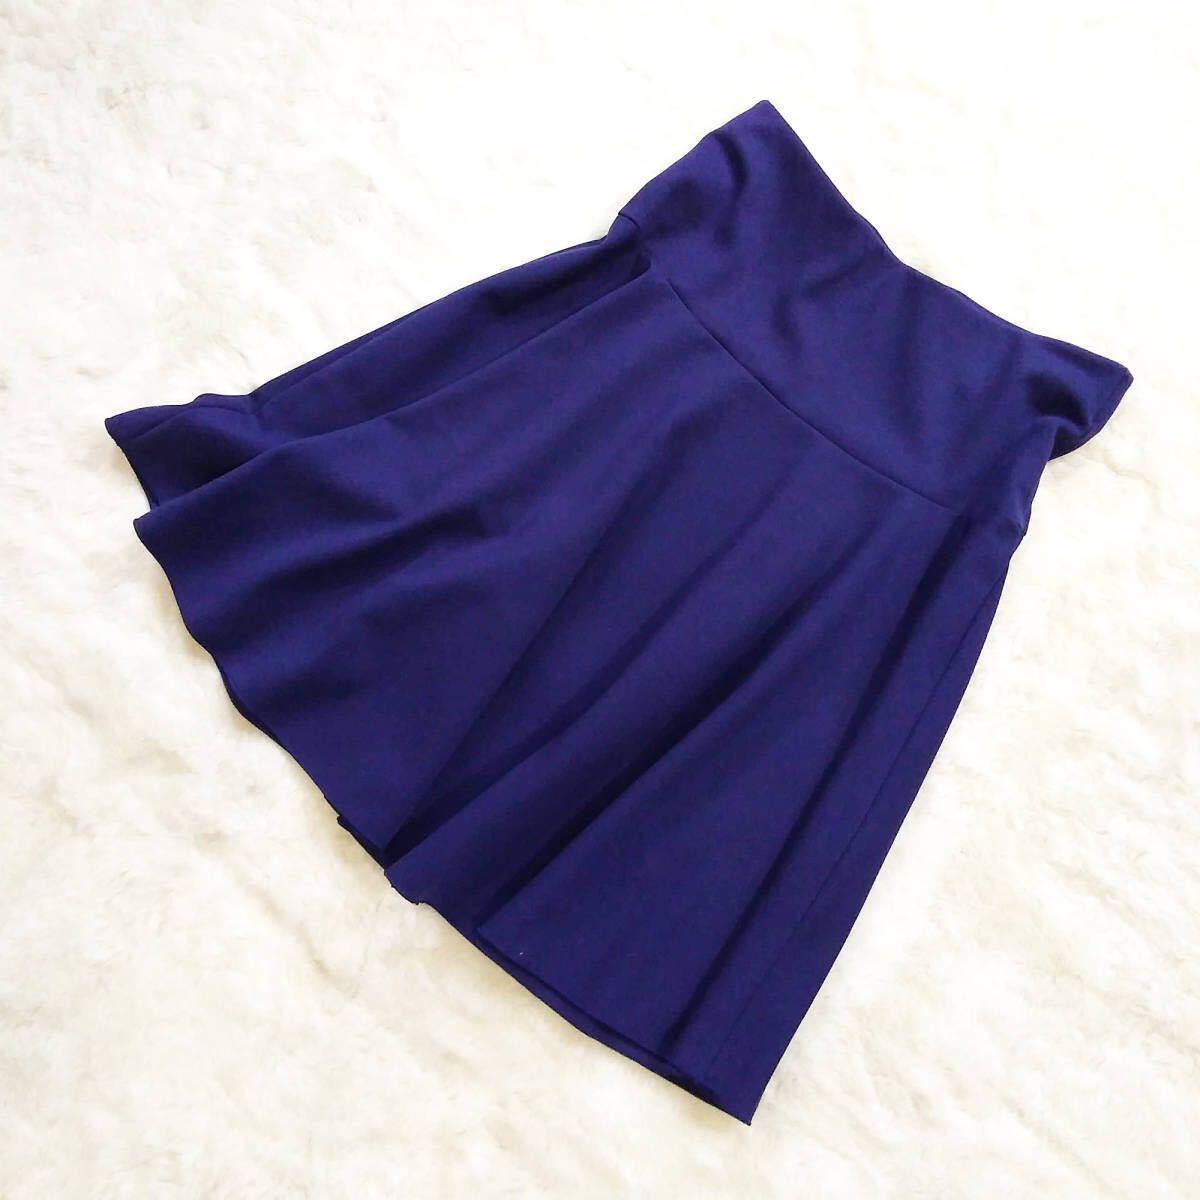 ダブルスタンダードクロージング ポンチスカート ロイヤルブルー パープルネイビー 膝丈 ゴムウエスト DOUBLE STANDARD CLOTHING_画像2